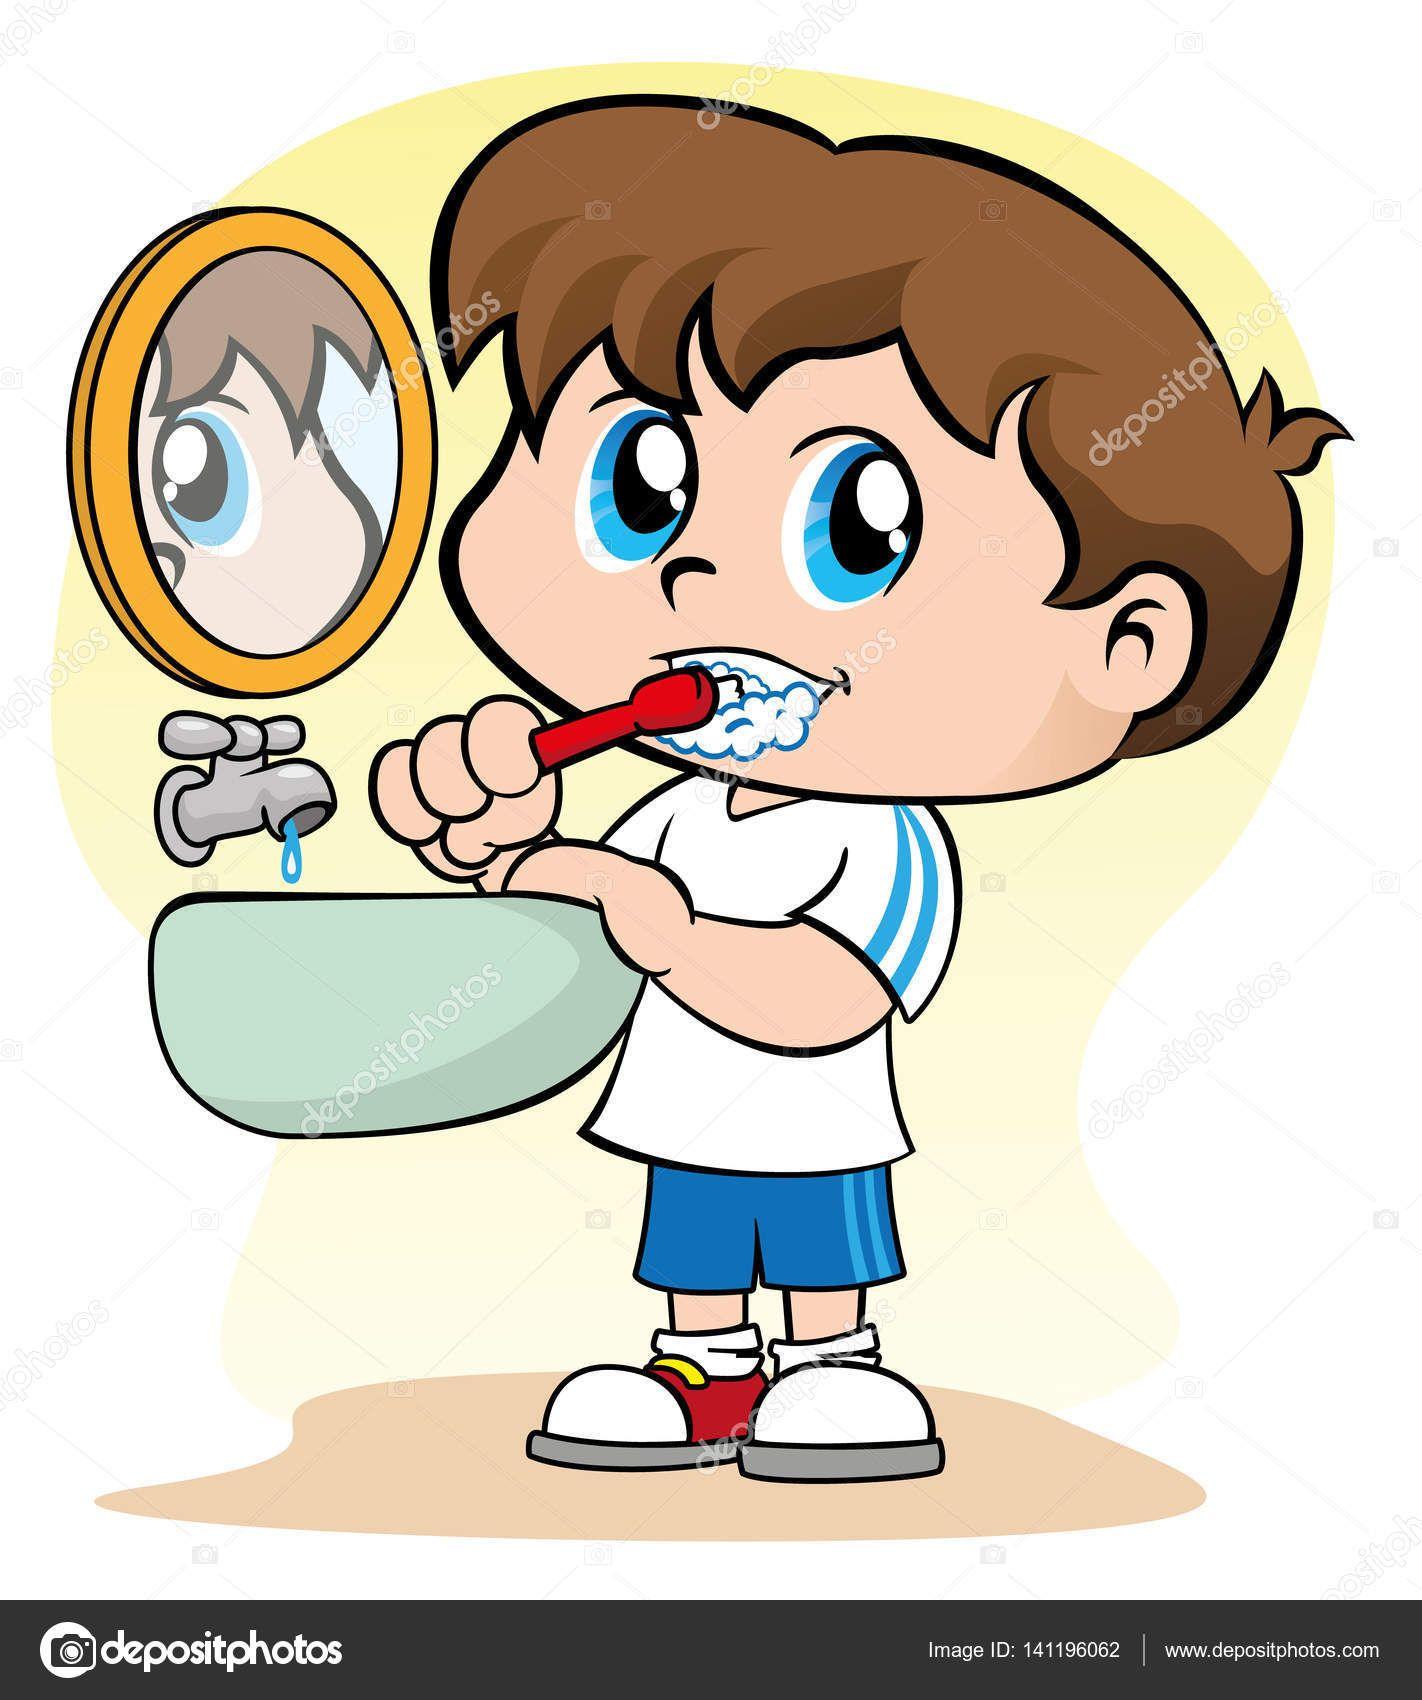 Descargar Ilustracion Que Representa A Un Nino Cuidando De Su Higiene De Pezon Cepillarse Los Dientes Ilustracion Tooth Cartoon Brush My Teeth Illustration